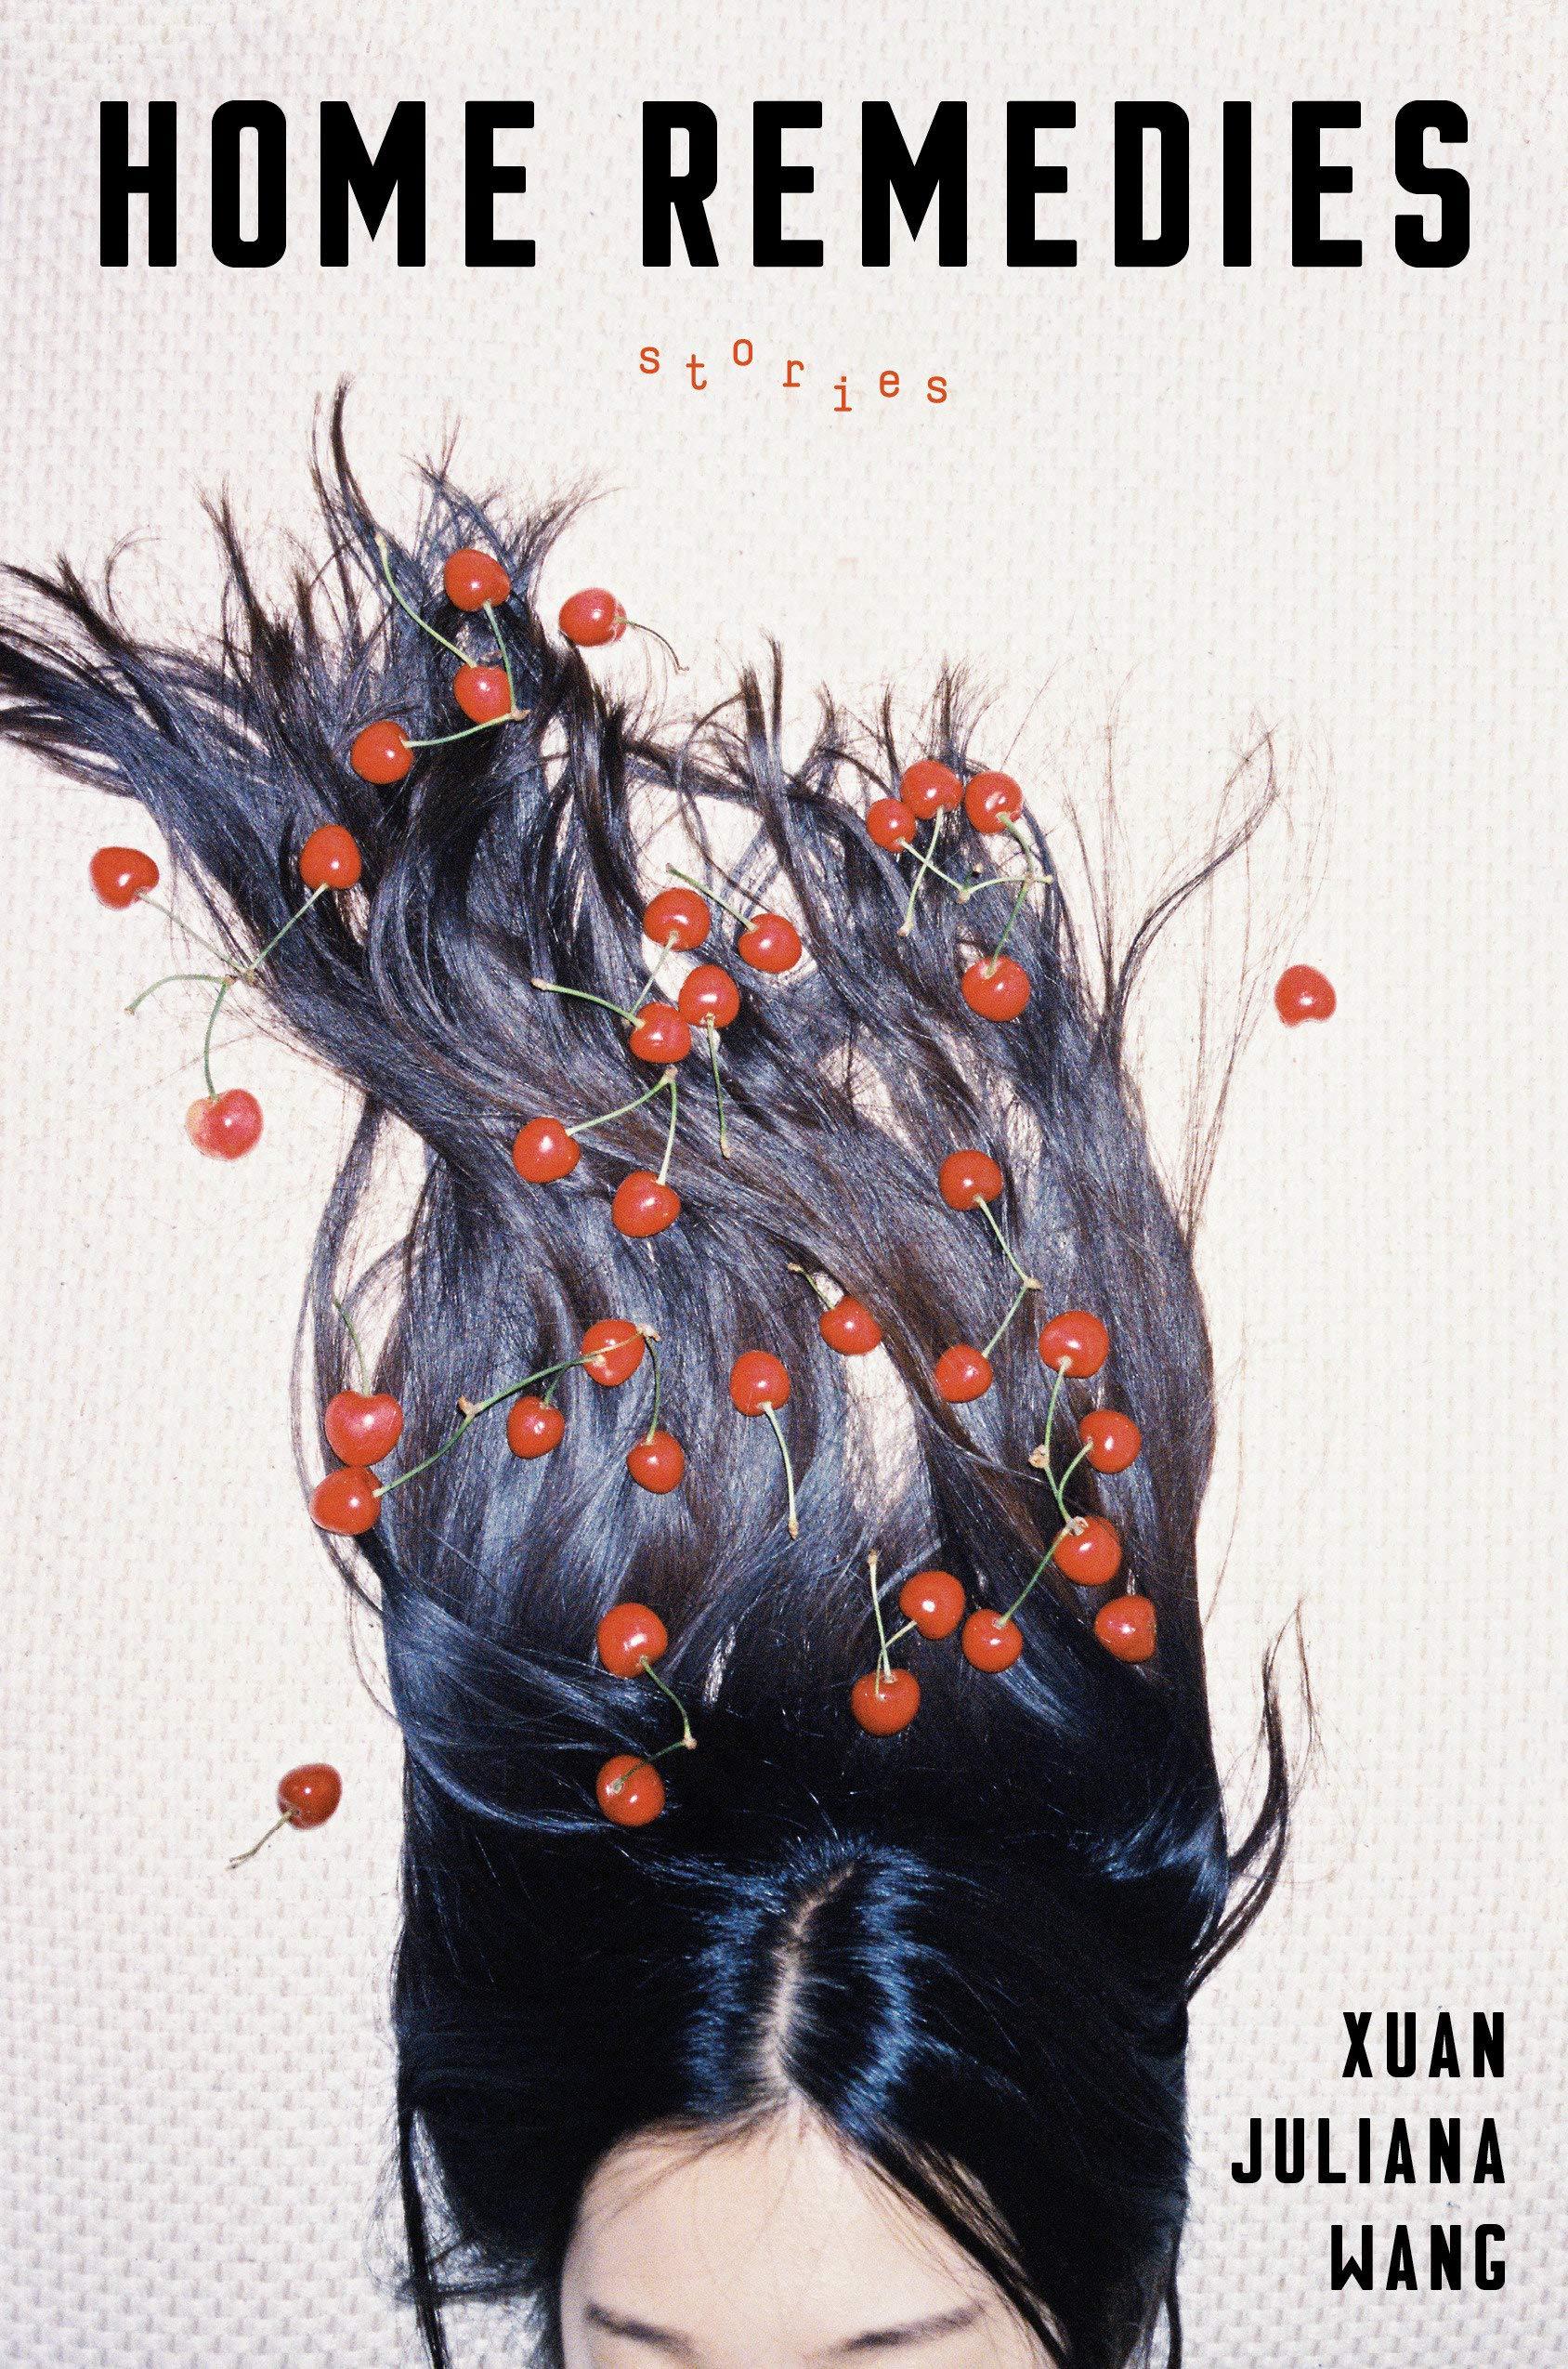 Amazon.com: Home Remedies: Stories (9781984822741): Wang, Xuan Juliana:  Books